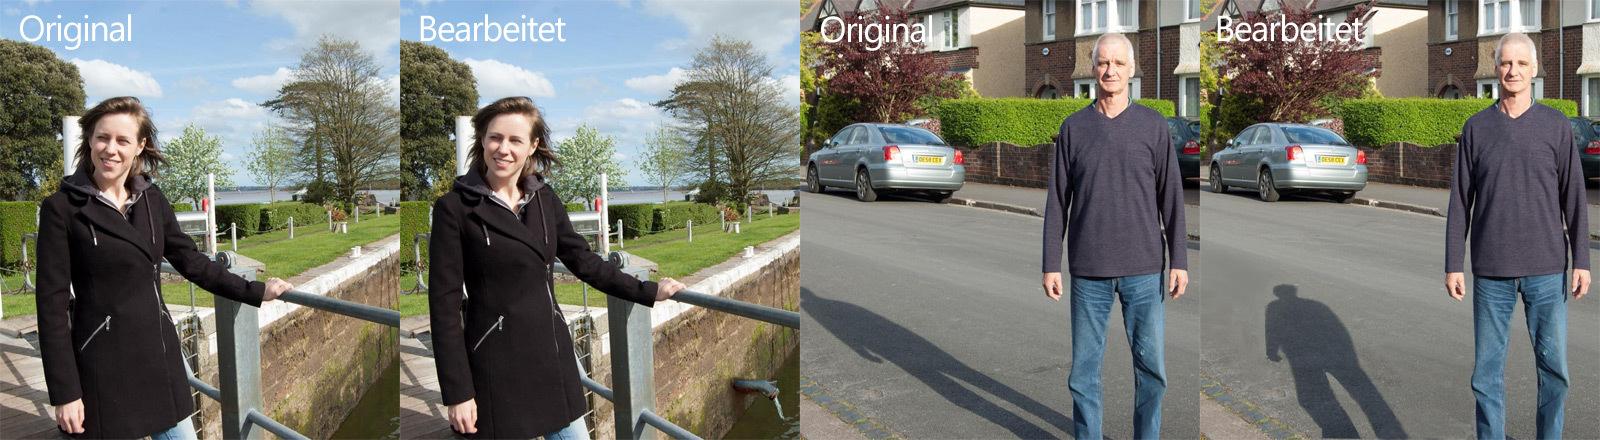 Alltagsfotos, die die University of Warwick für eine Studie zu Bildmanipulation nutzt.